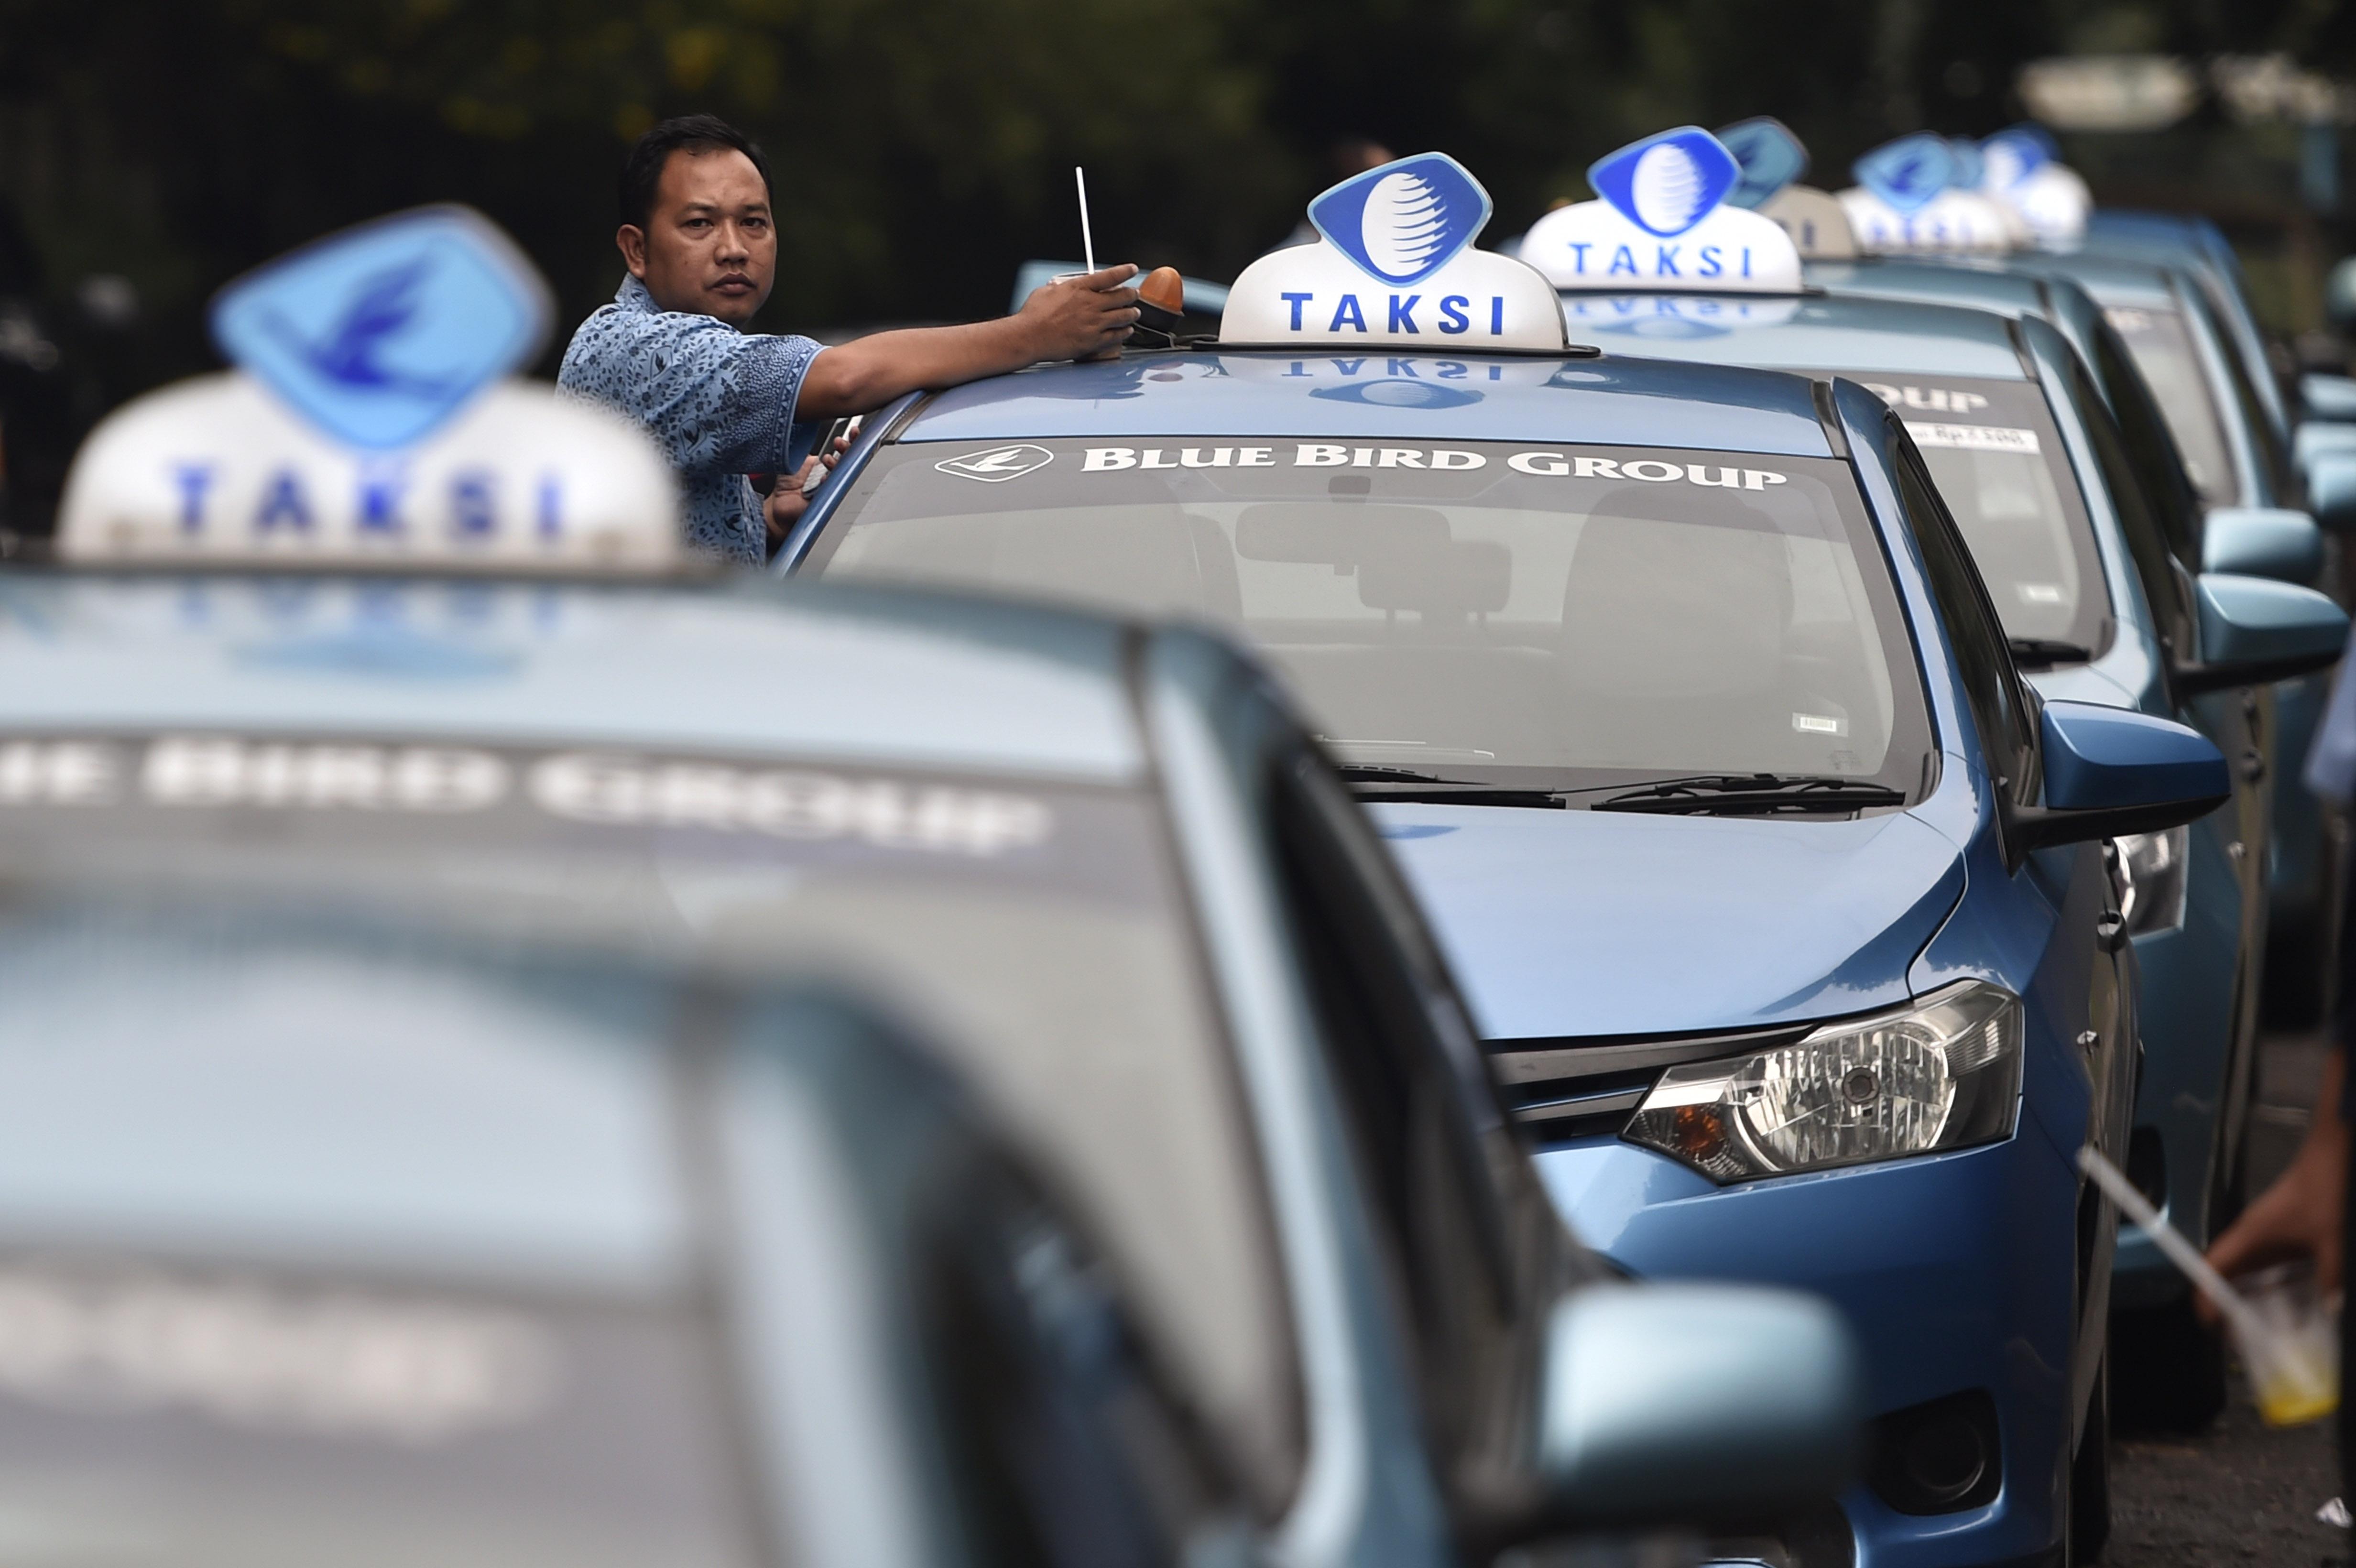 TAKSI GRATIS. Perusahaan taksi Blue Bird Group memberikan layanan gratis selama 24 jam pada Rabu, 23 Maret. Foto oleh Puspa Perwitasari/ANTARA